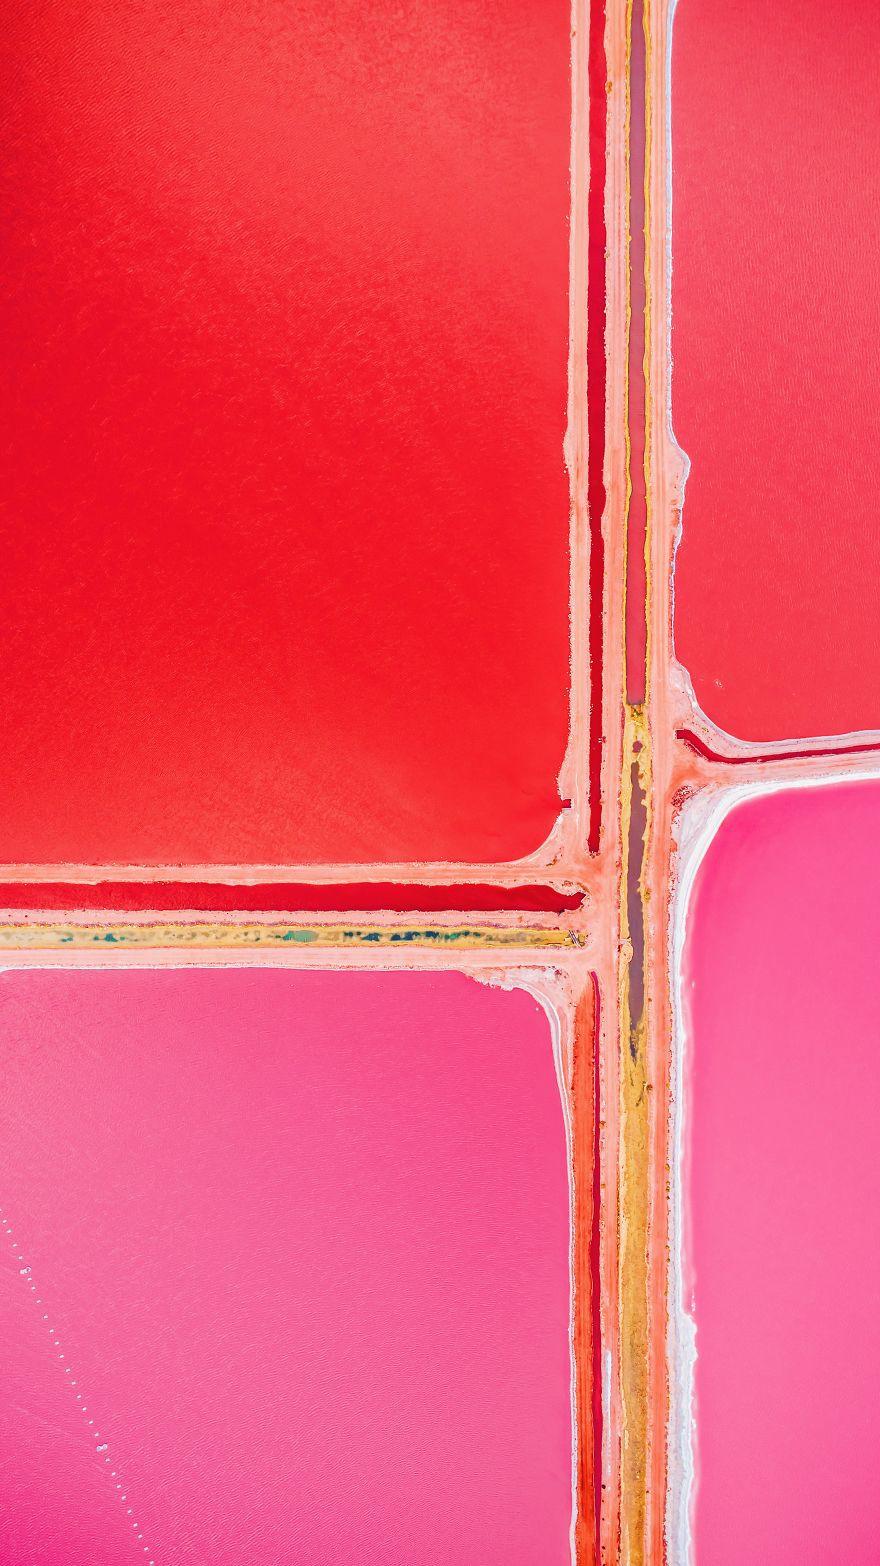 Tương truyền rằng chàng trai nào dẫn bạn gái đến hồ nước màu hồng siêu ảo này sẽ được cô ấy yêu trọn đời - Ảnh 15.